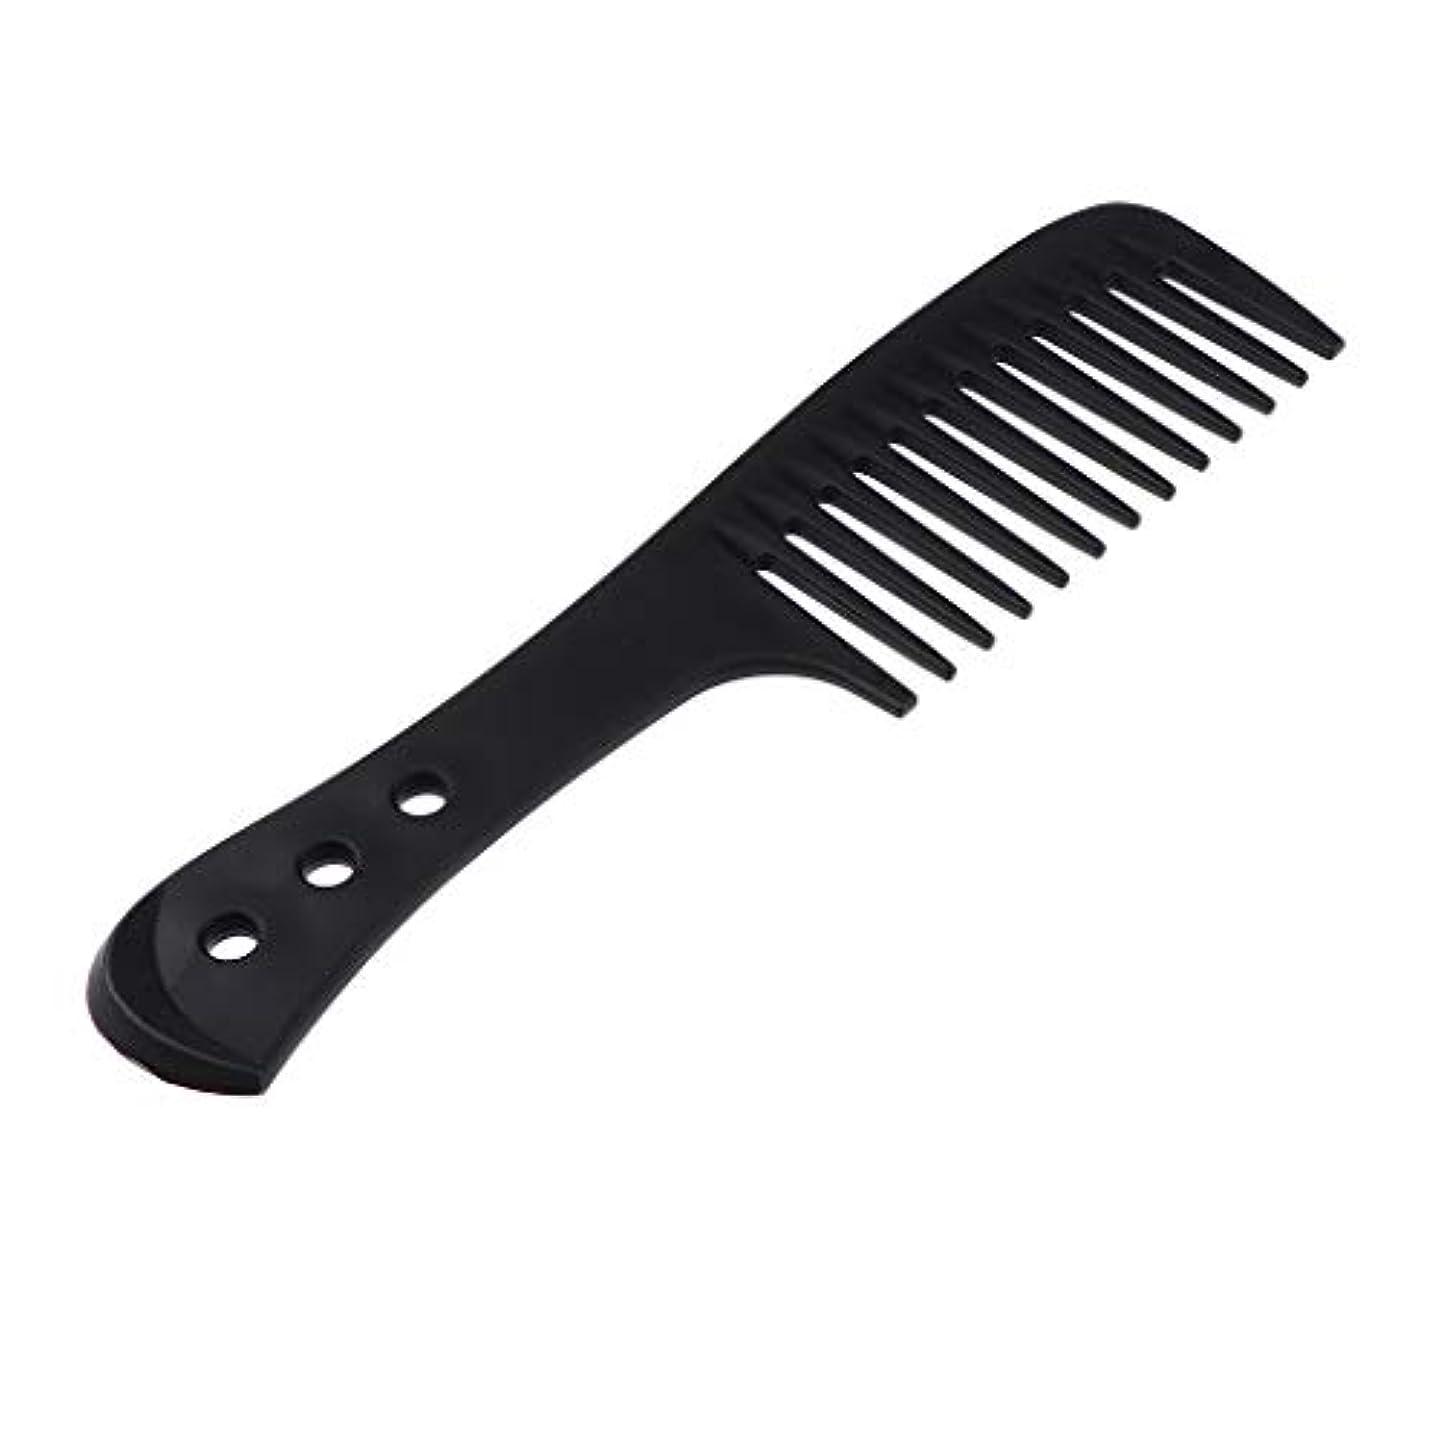 挨拶海外可能ワイド歯ブラシ 美容整形 美容整形髪ブラシ 全4色 - ブラック